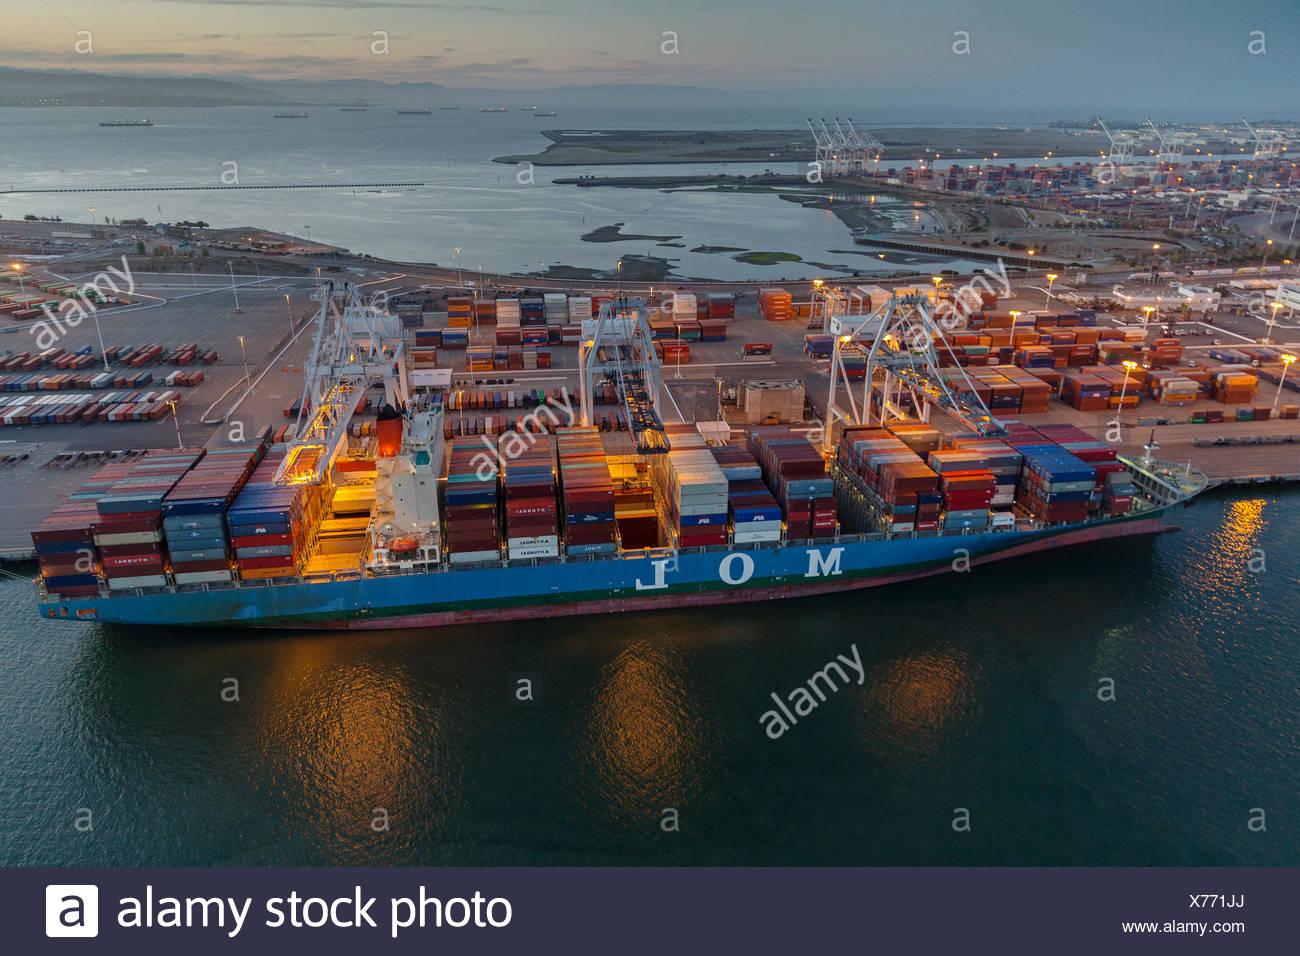 Muelle comercial con un buque portacontenedores al atardecer, Oakland, California, EE.UU. Foto de stock